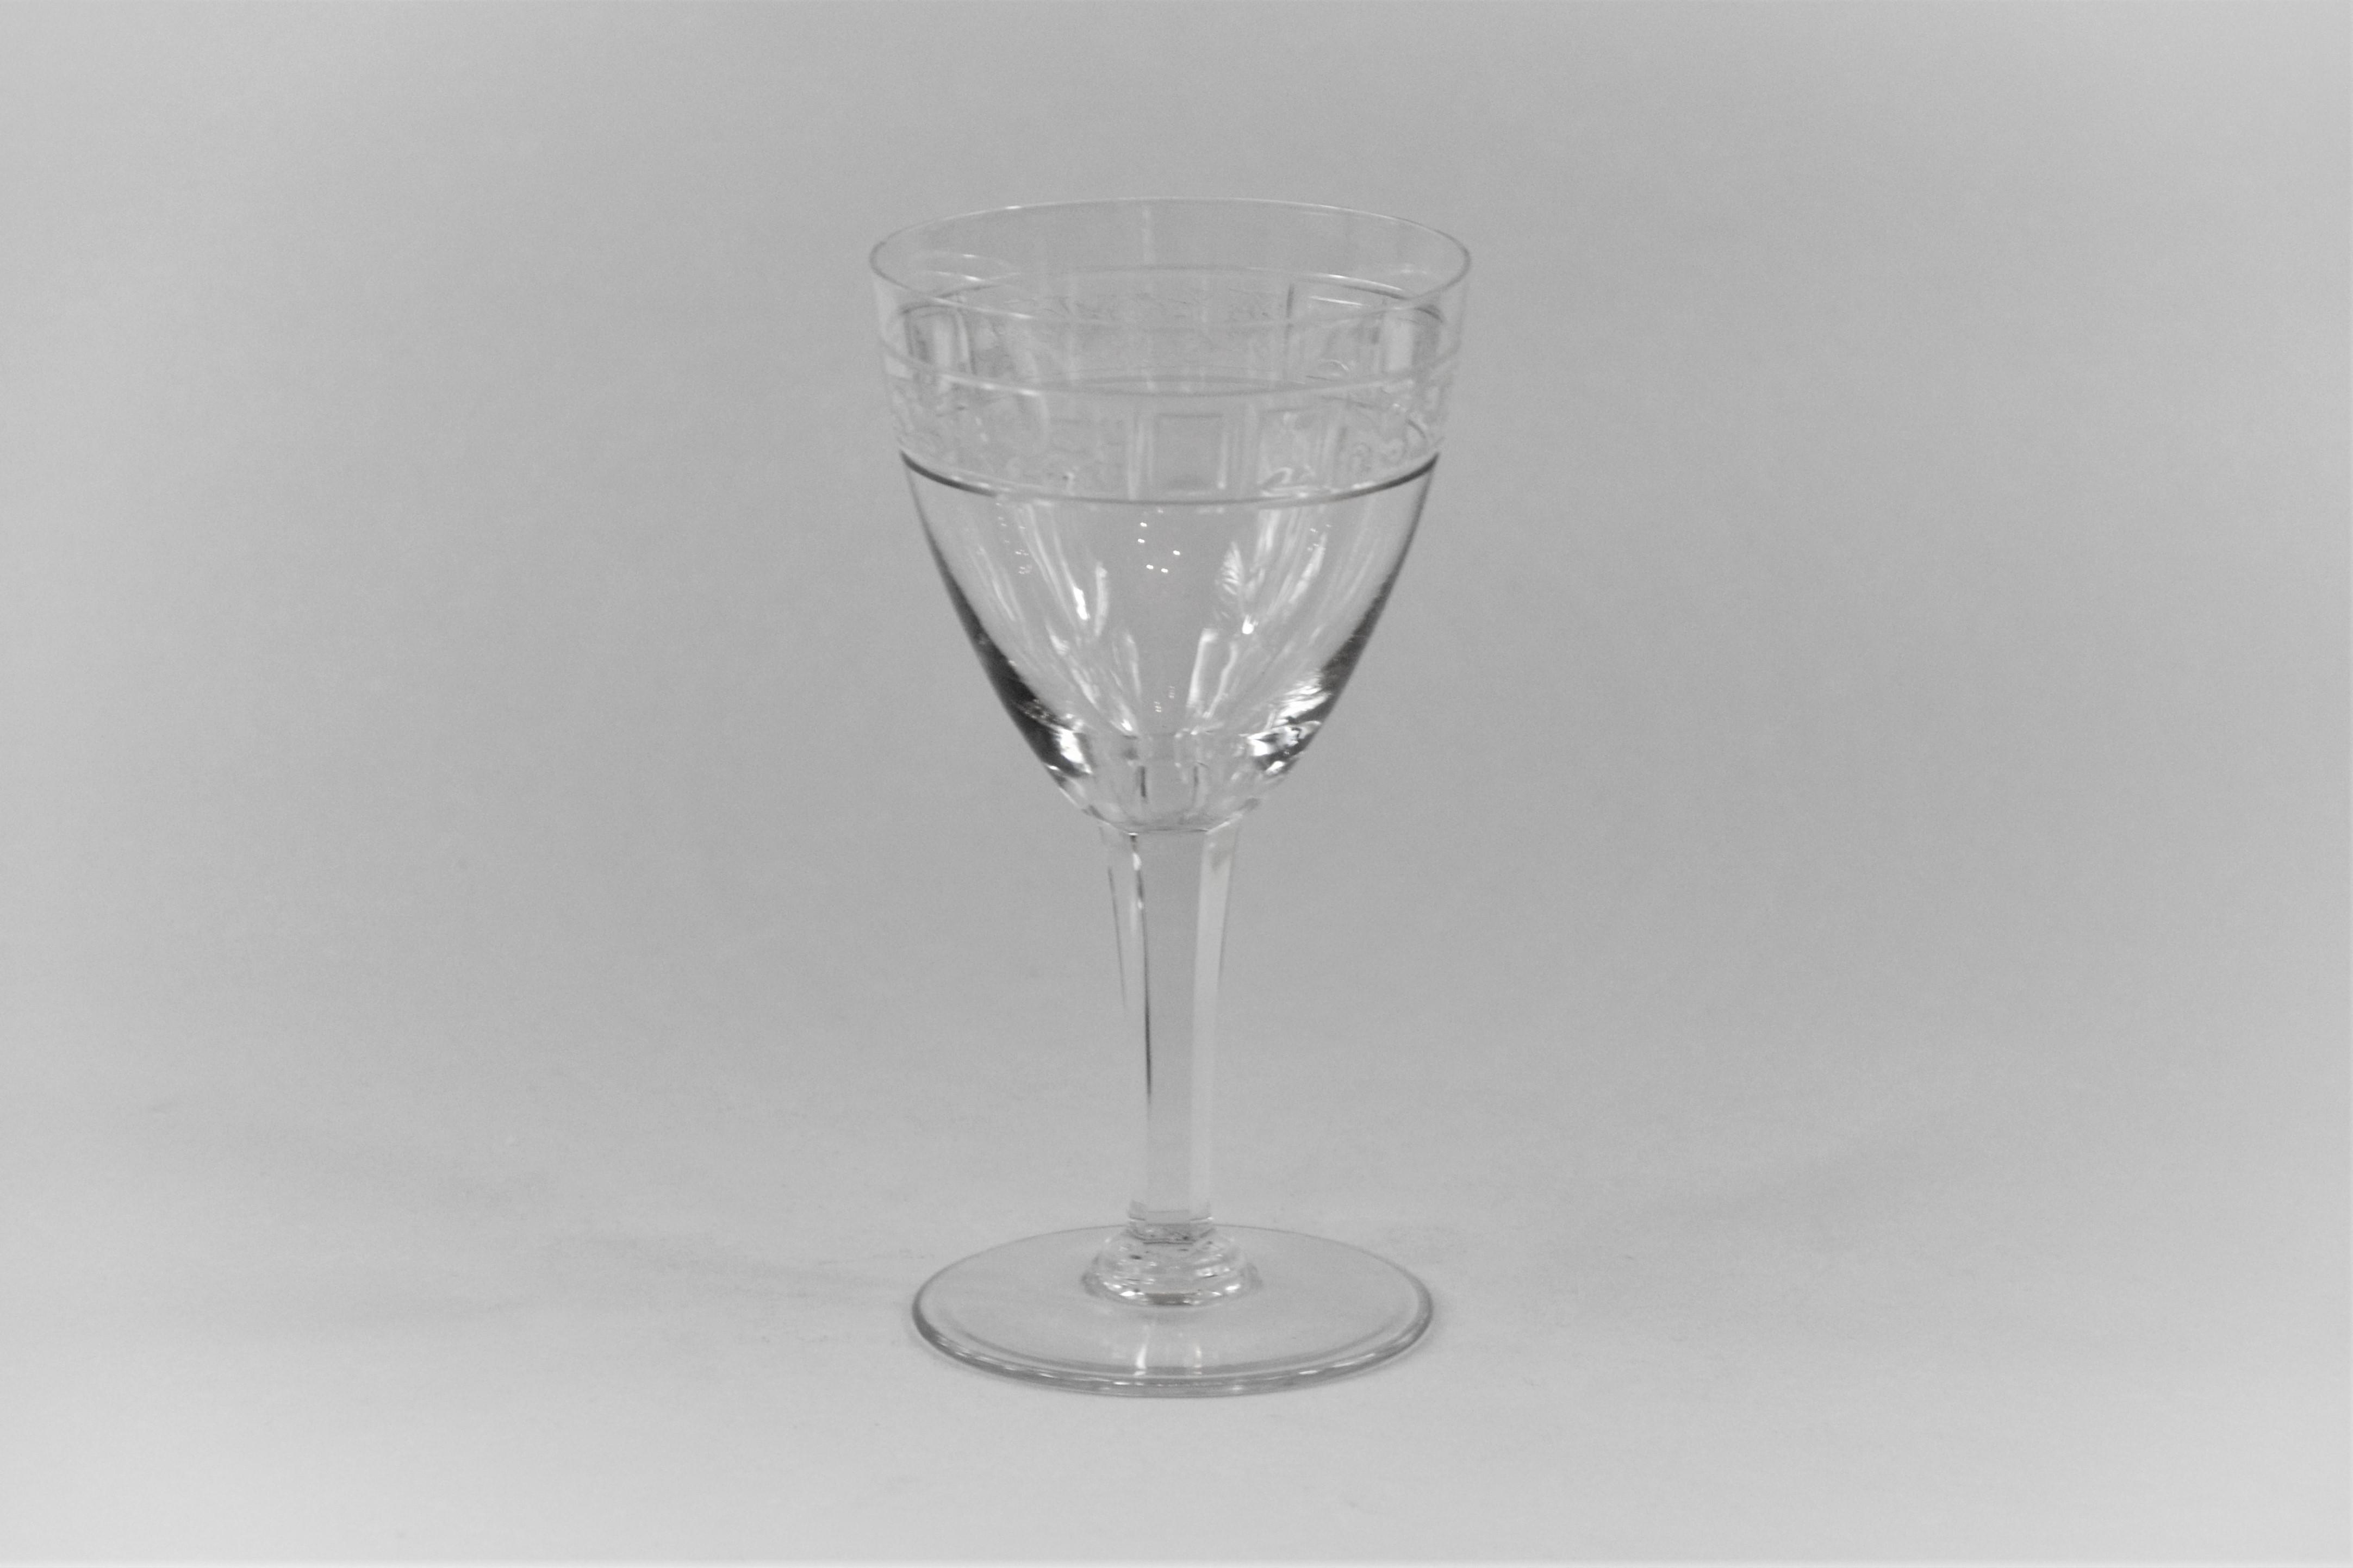 Kieliszek do wina, Francja, ok. 1930 r., CRISTALLERIES DE NANCY